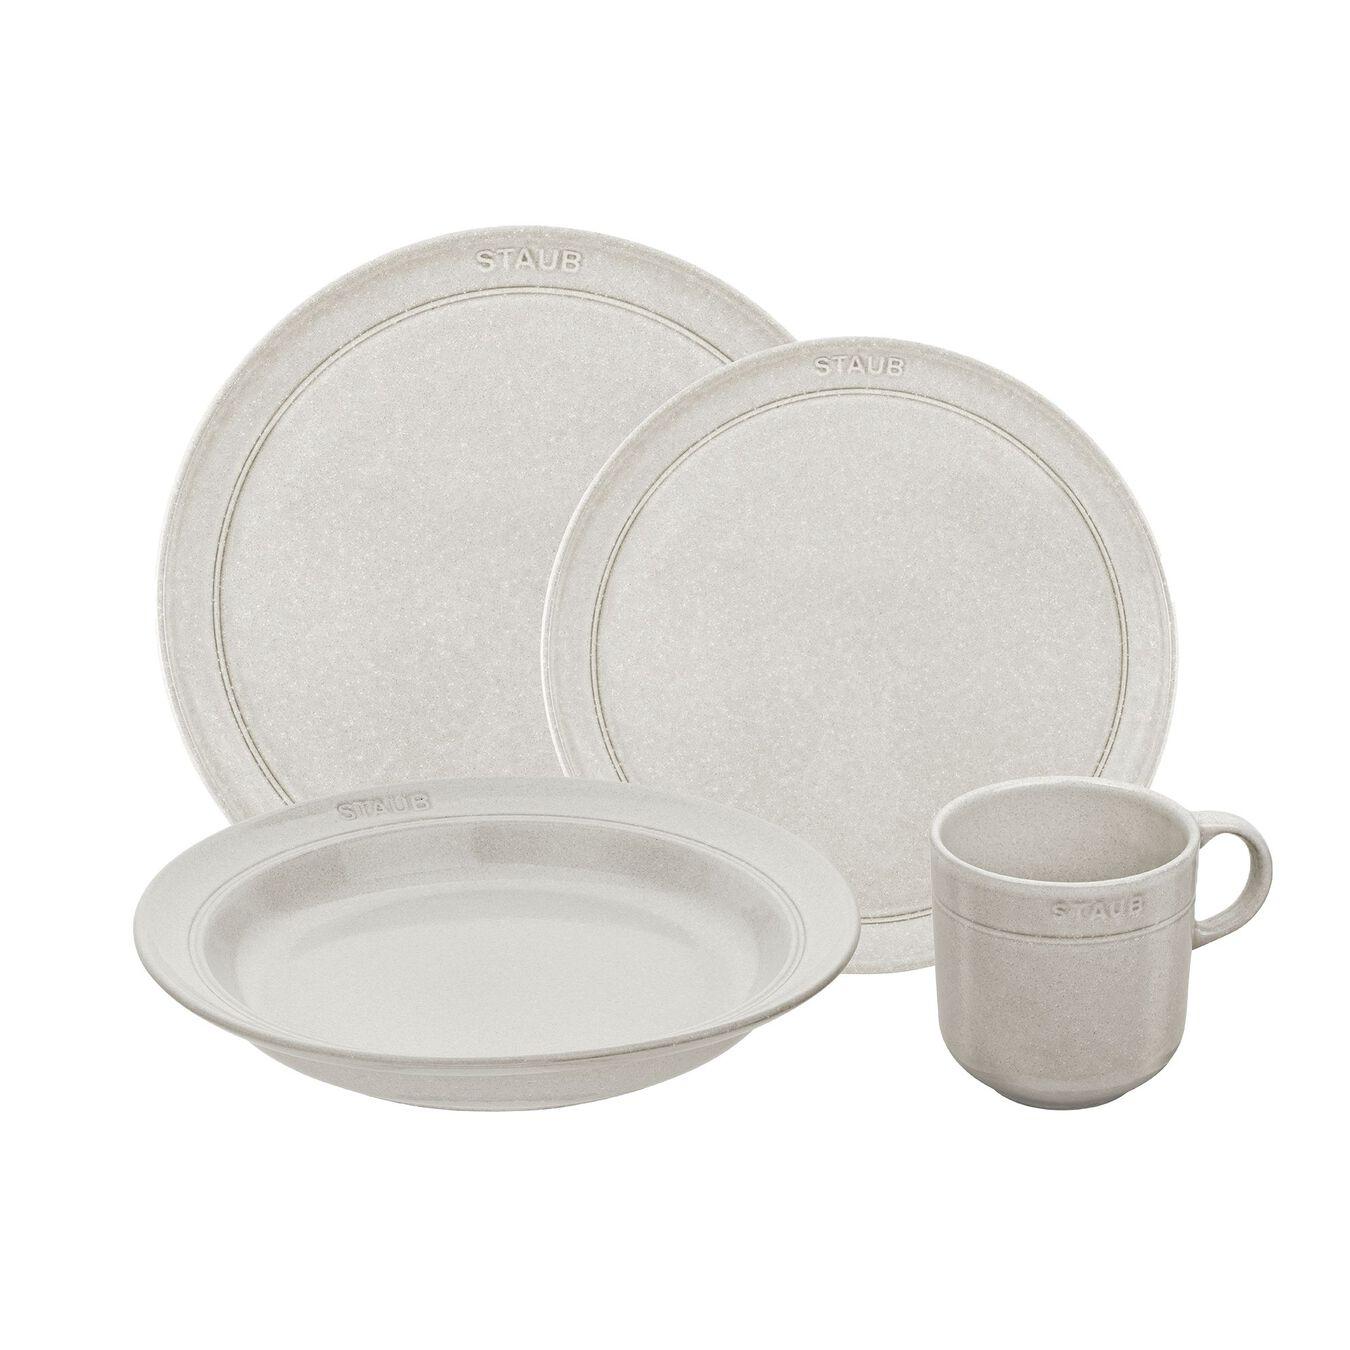 Set de service, 16-pcs   White Truffle   Ceramic   Ceramic,,large 1